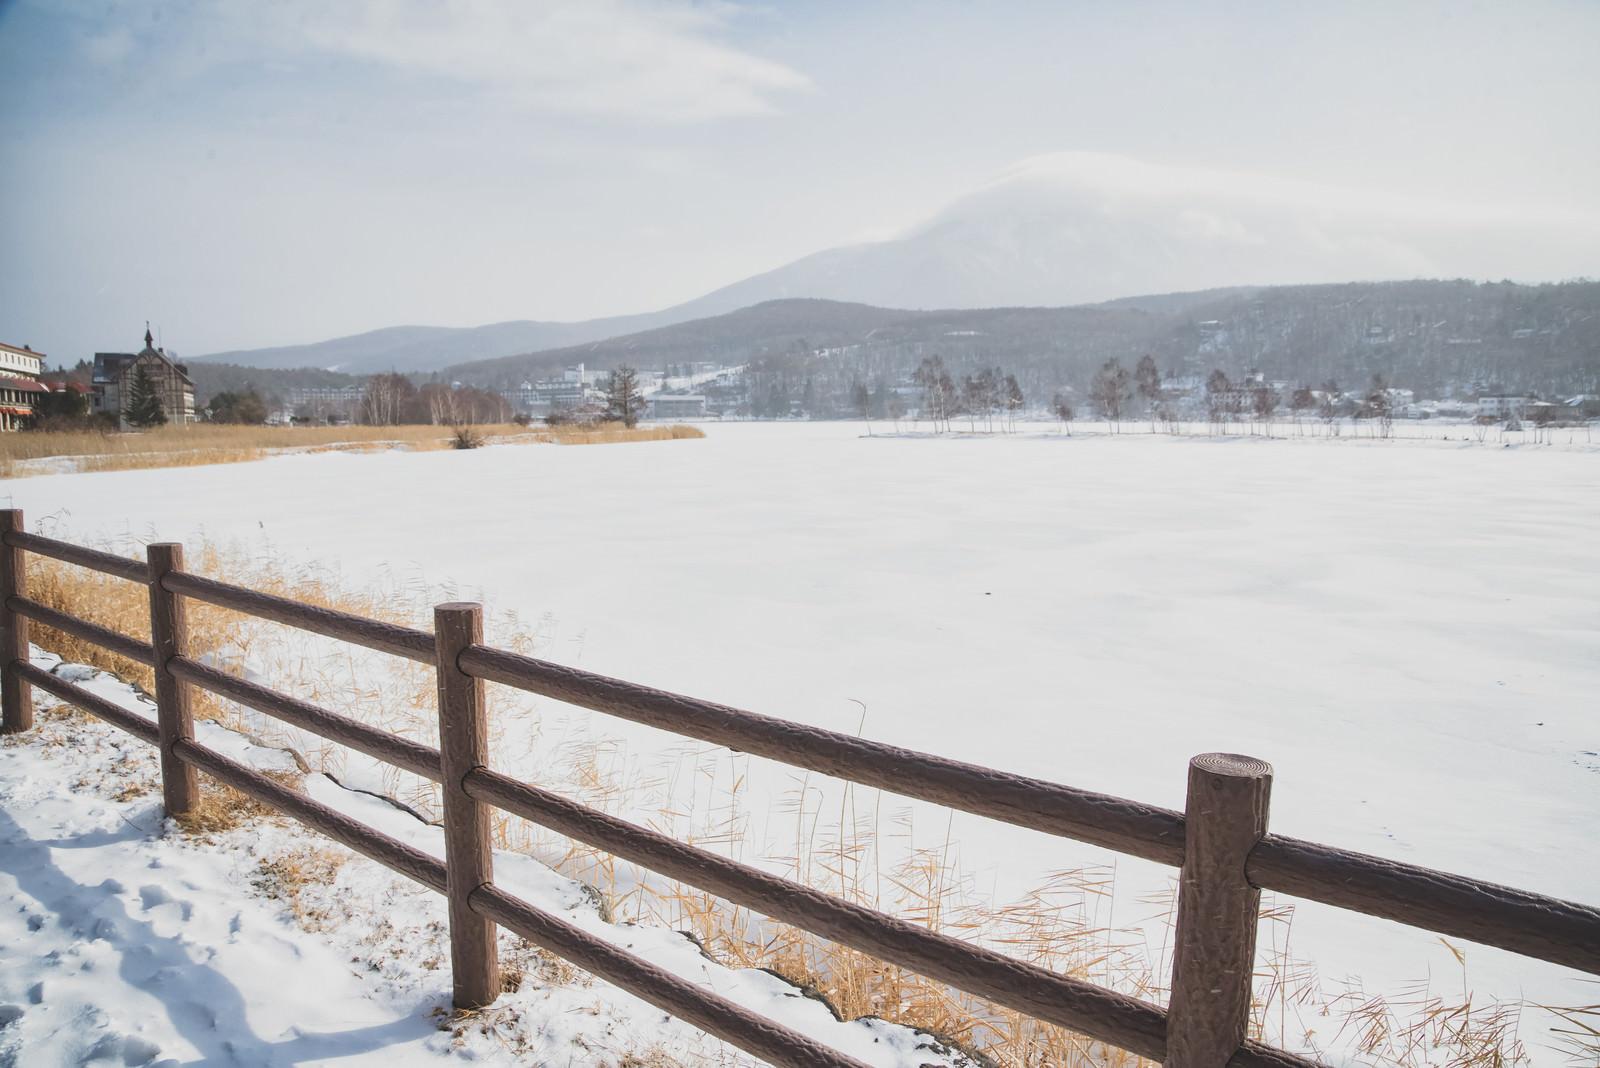 「冬の白樺湖畔の遊歩道から見た景色」の写真